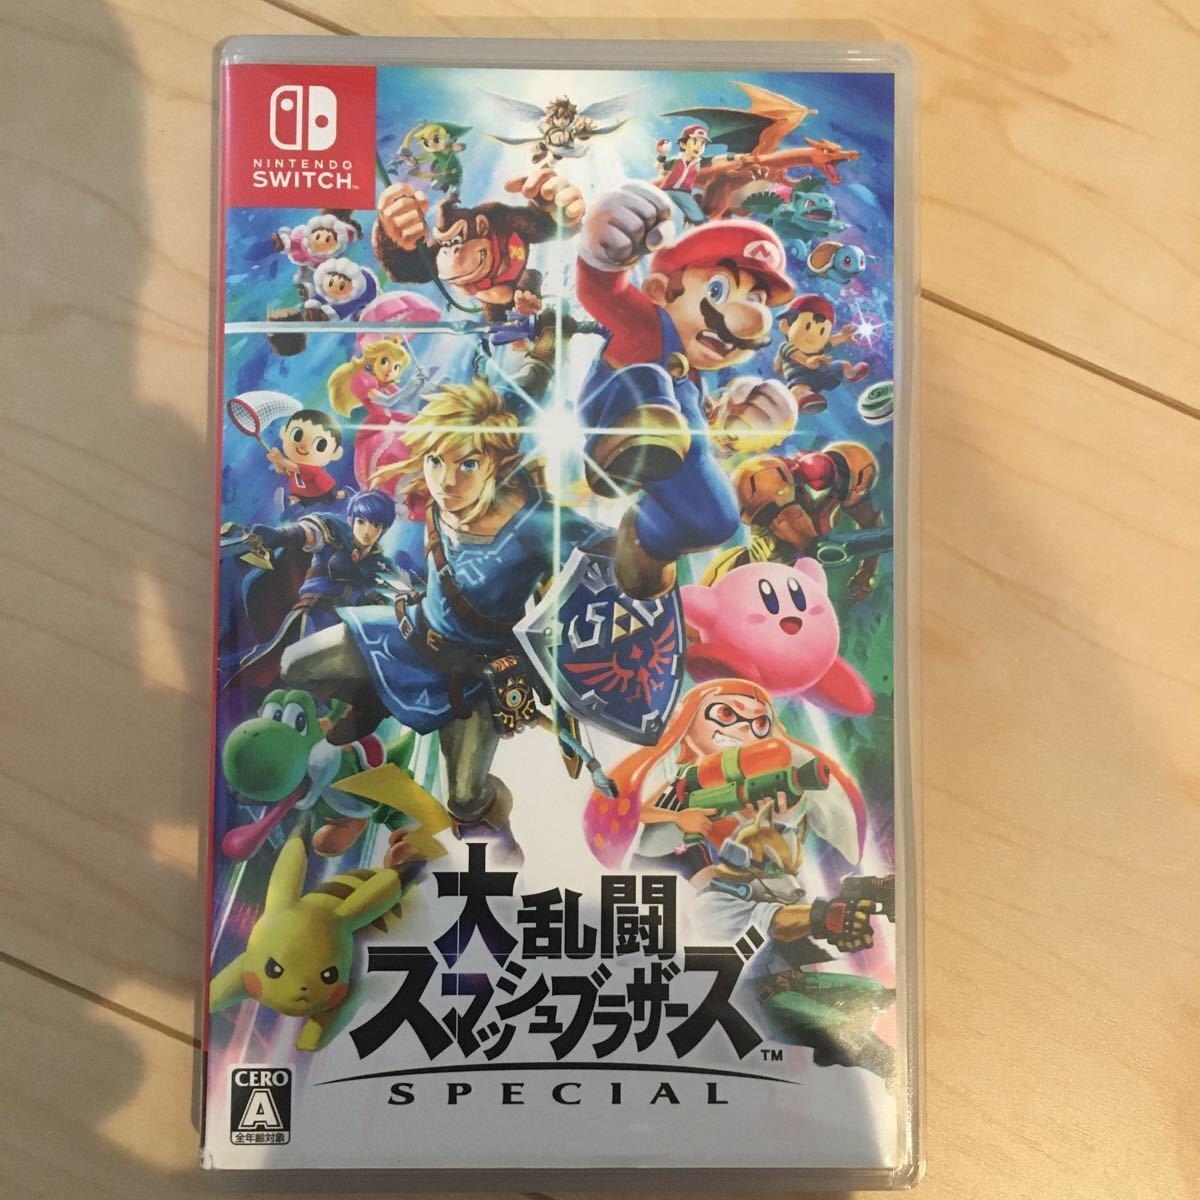 大乱闘スマッシュブラザーズSPECIAL Nintendo Switch